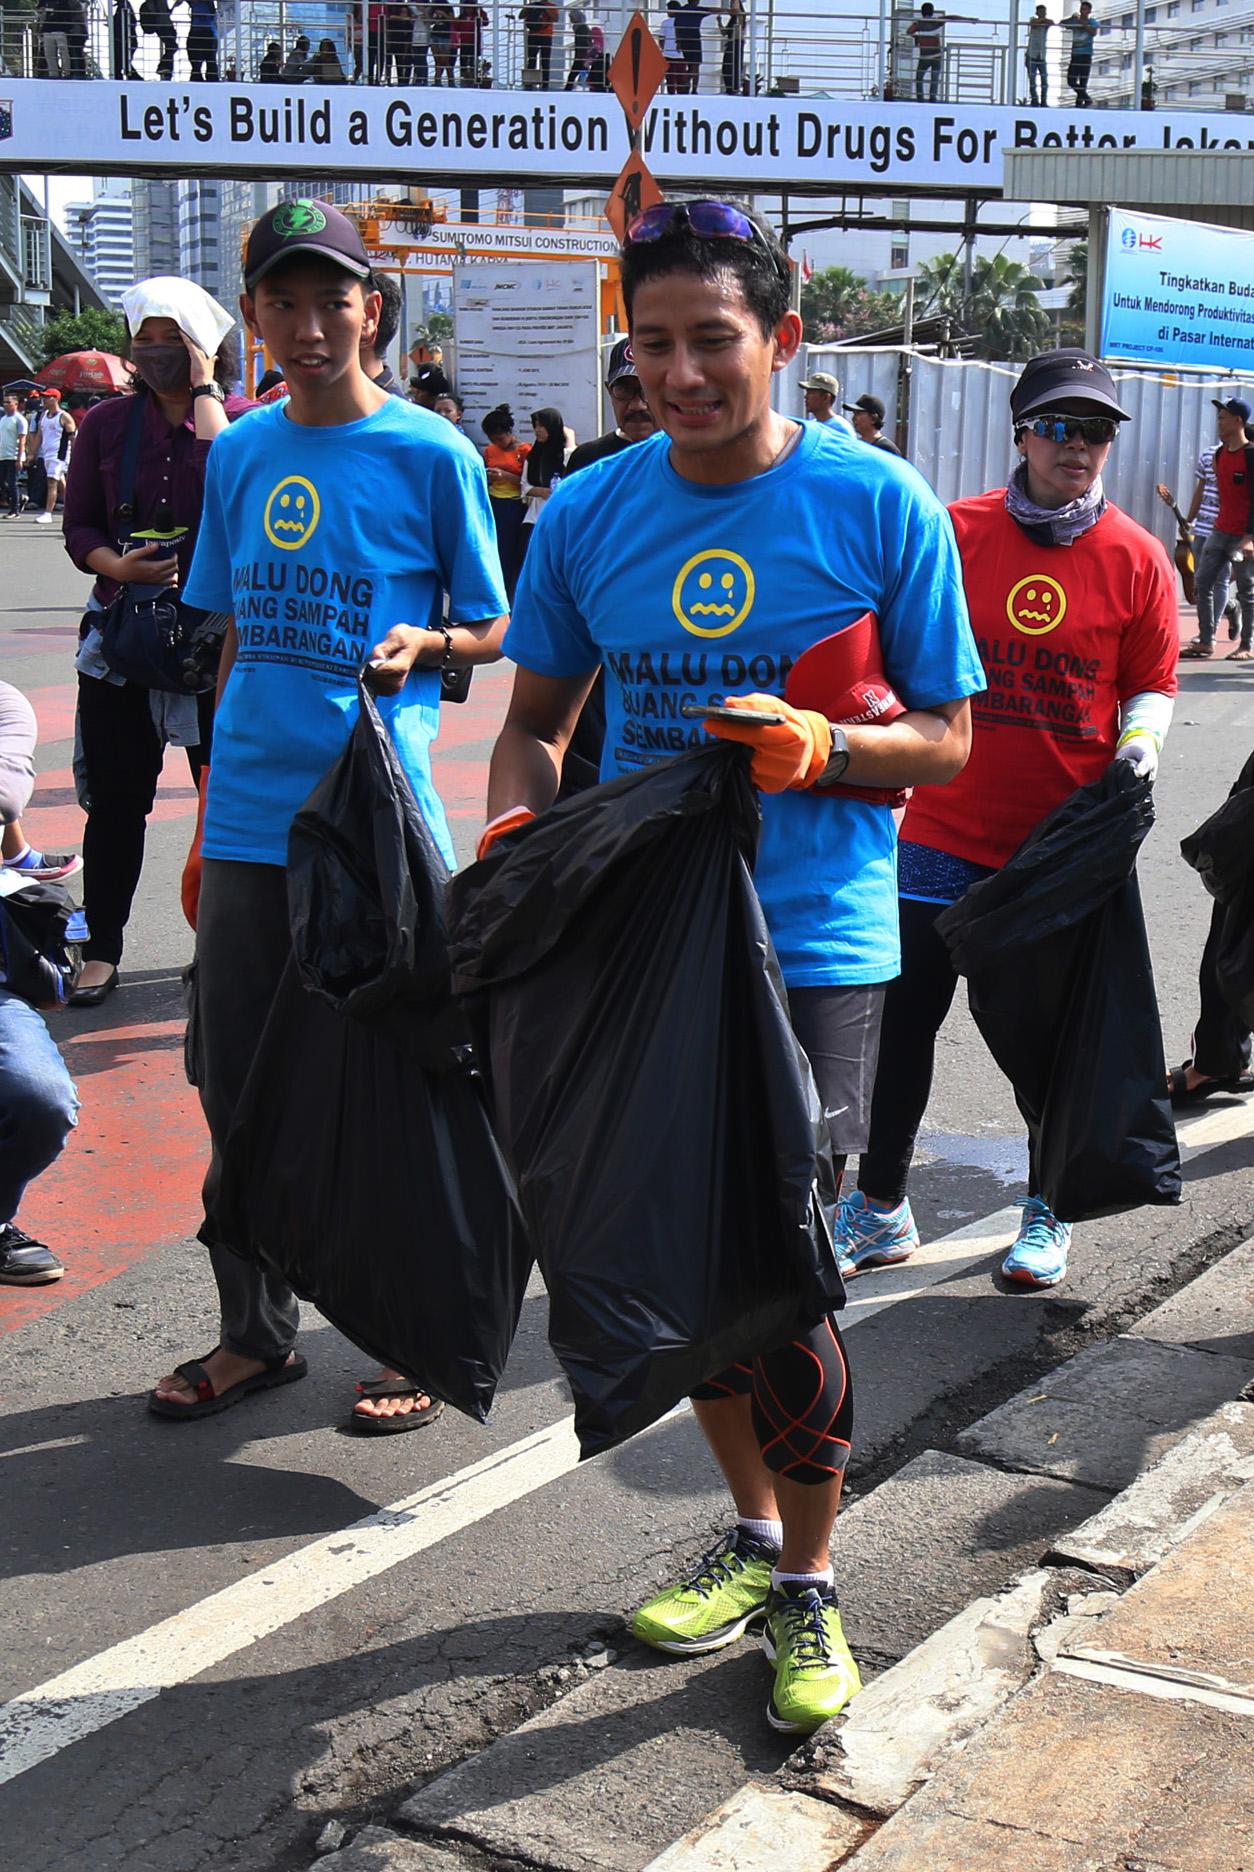 Sandiago Uno berniat mencalonkan dirinya sebagai Gubernur DKI Jakarta. Foto oleh Reno Esnir/Antara